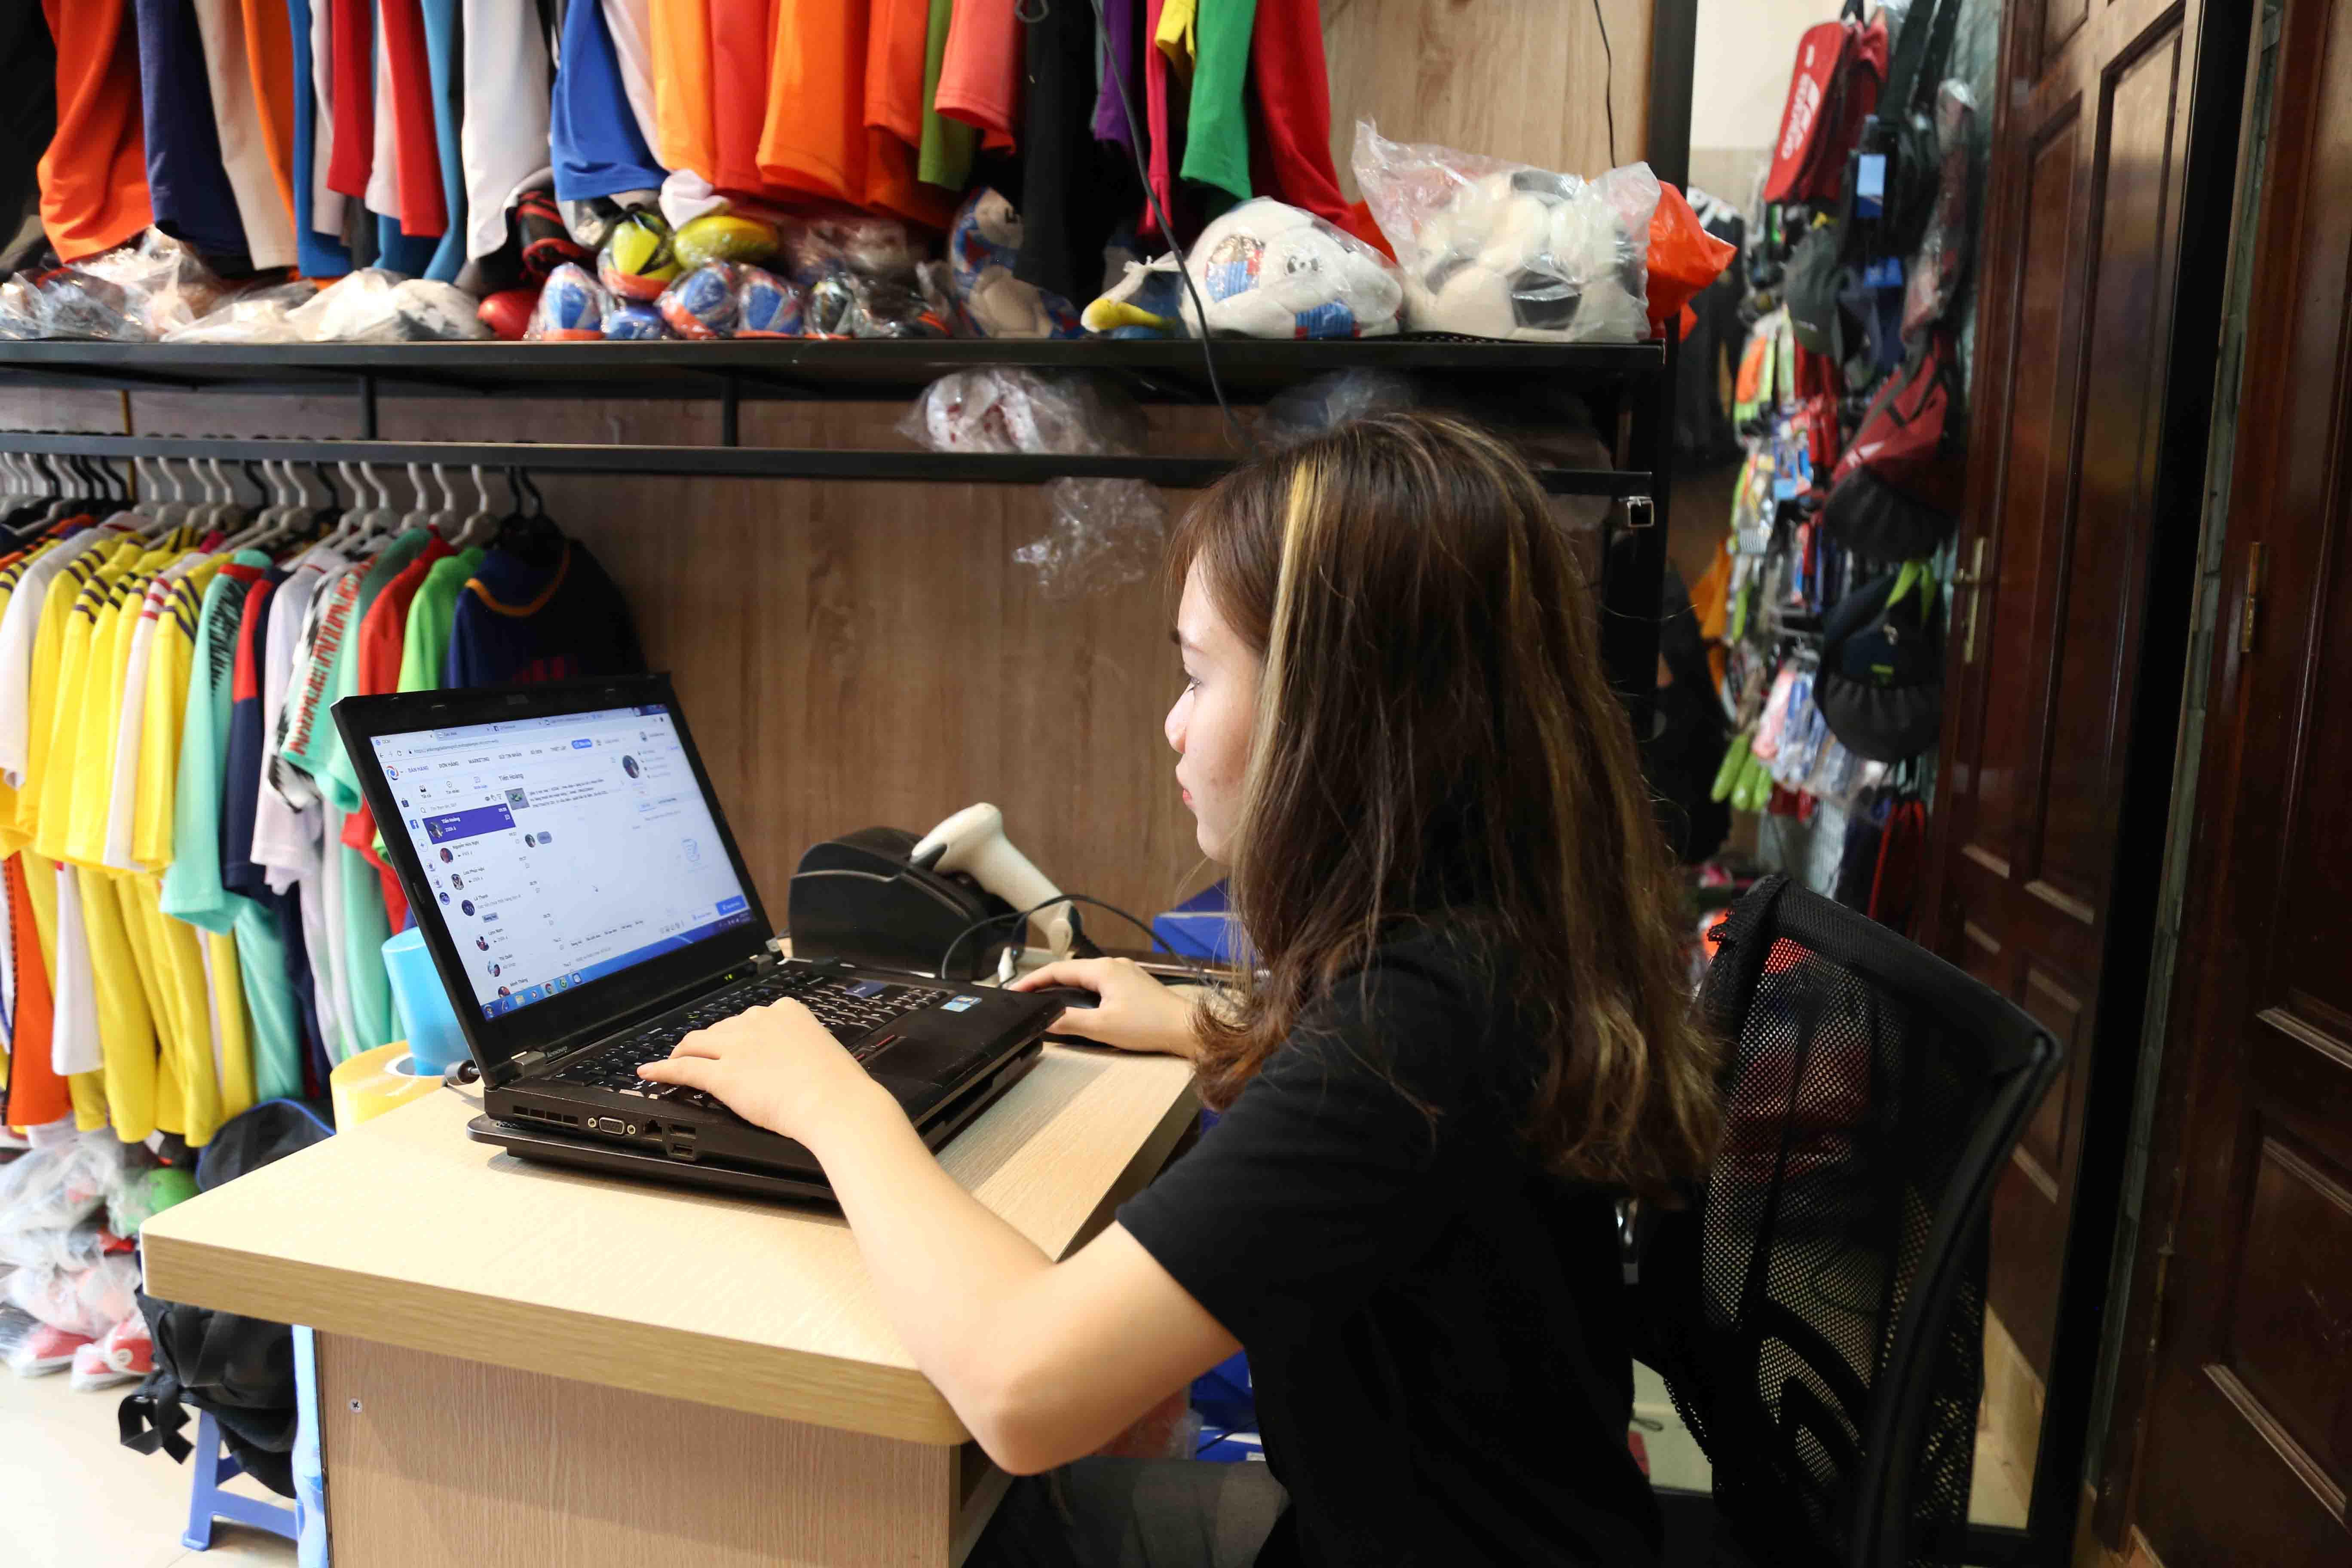 quản lý nhân viên bán hàng